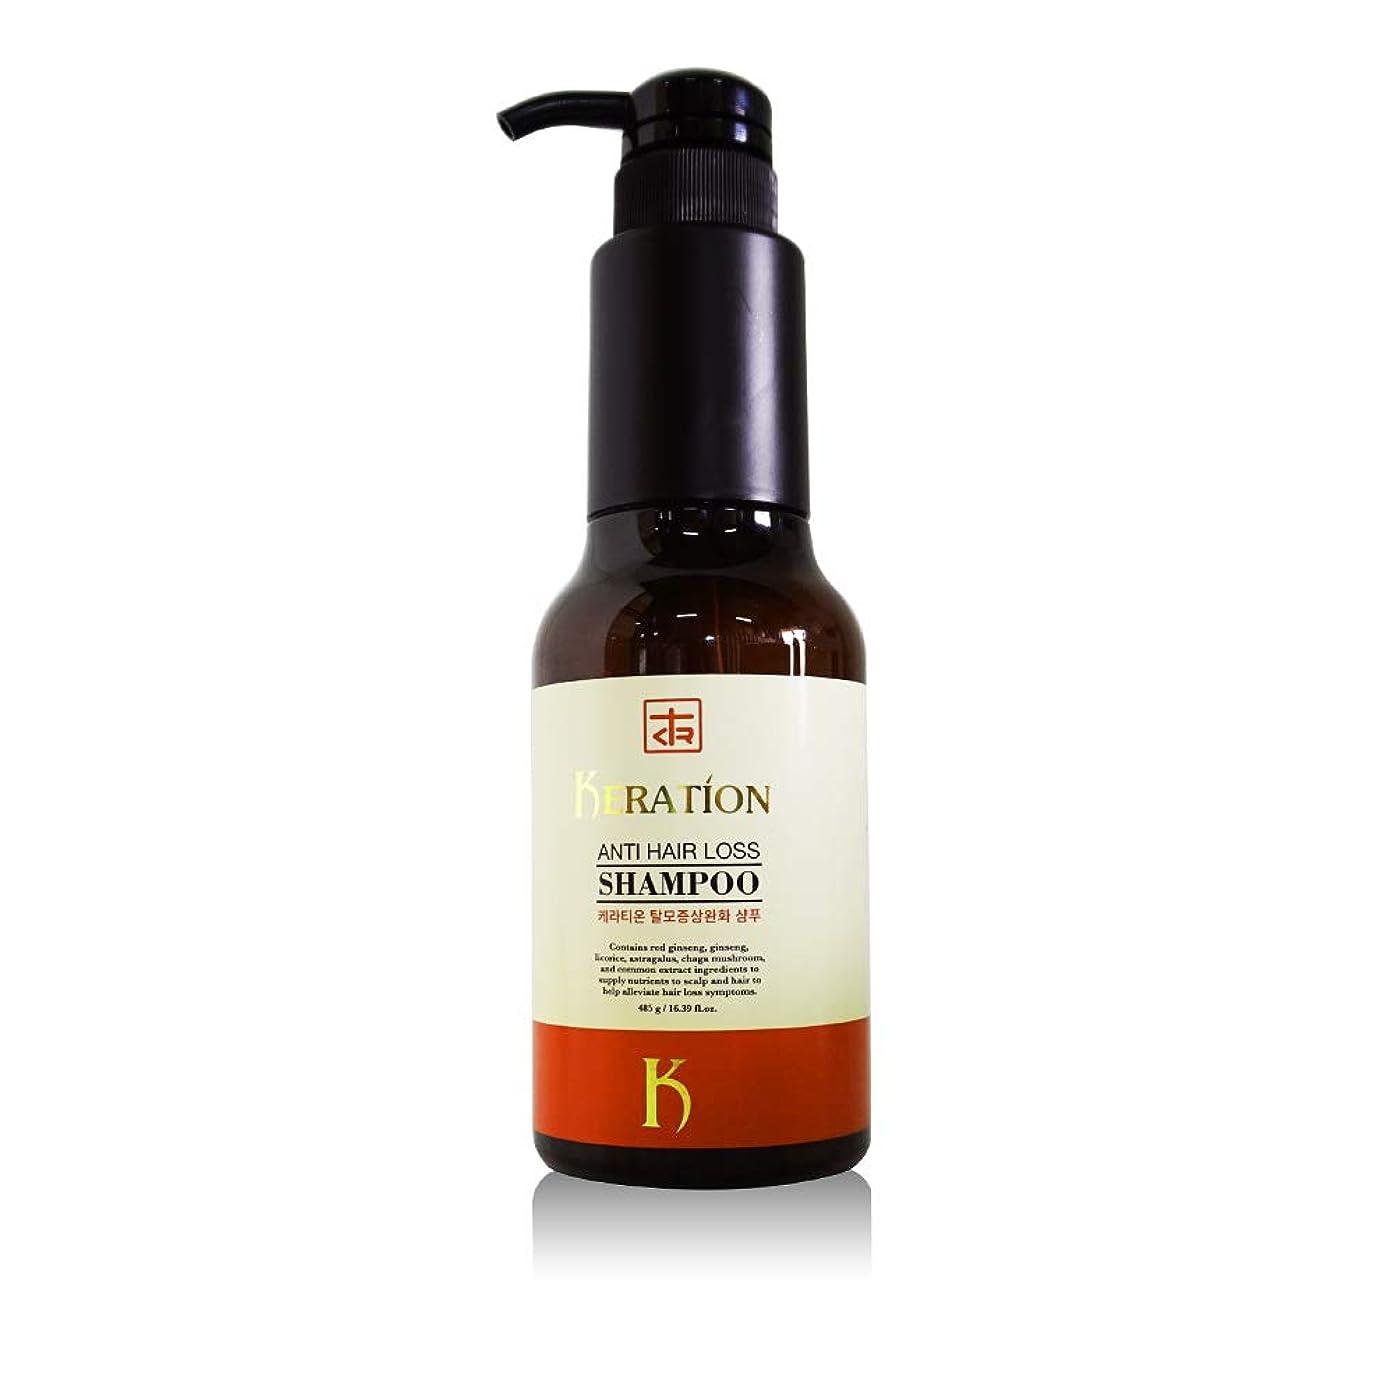 甘味めったに面Keration アンチ抜け毛シャンプー485ml (Keration Anti Hair Loss Shampoo -6 kinds of herbal extracts) [並行輸入品]